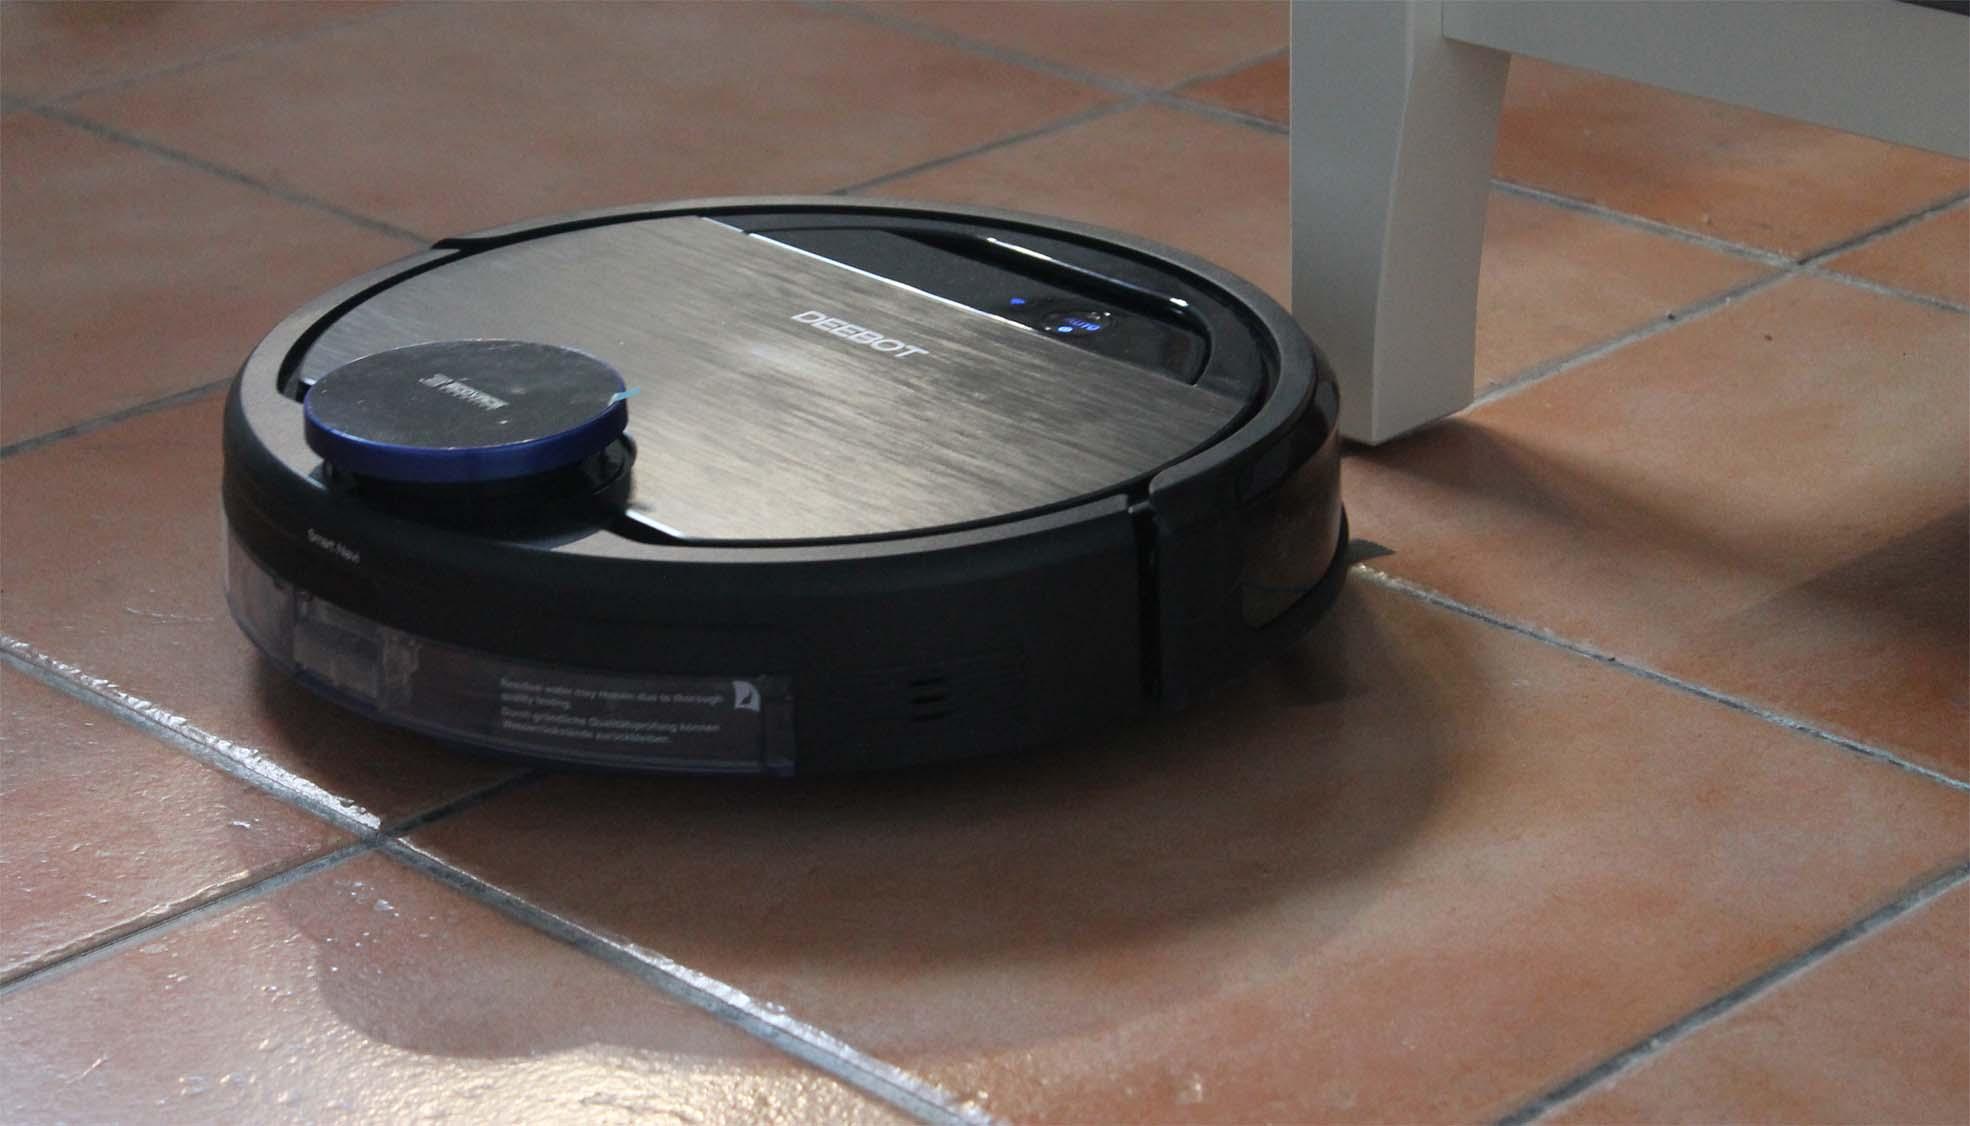 deebot ozmo 930 test